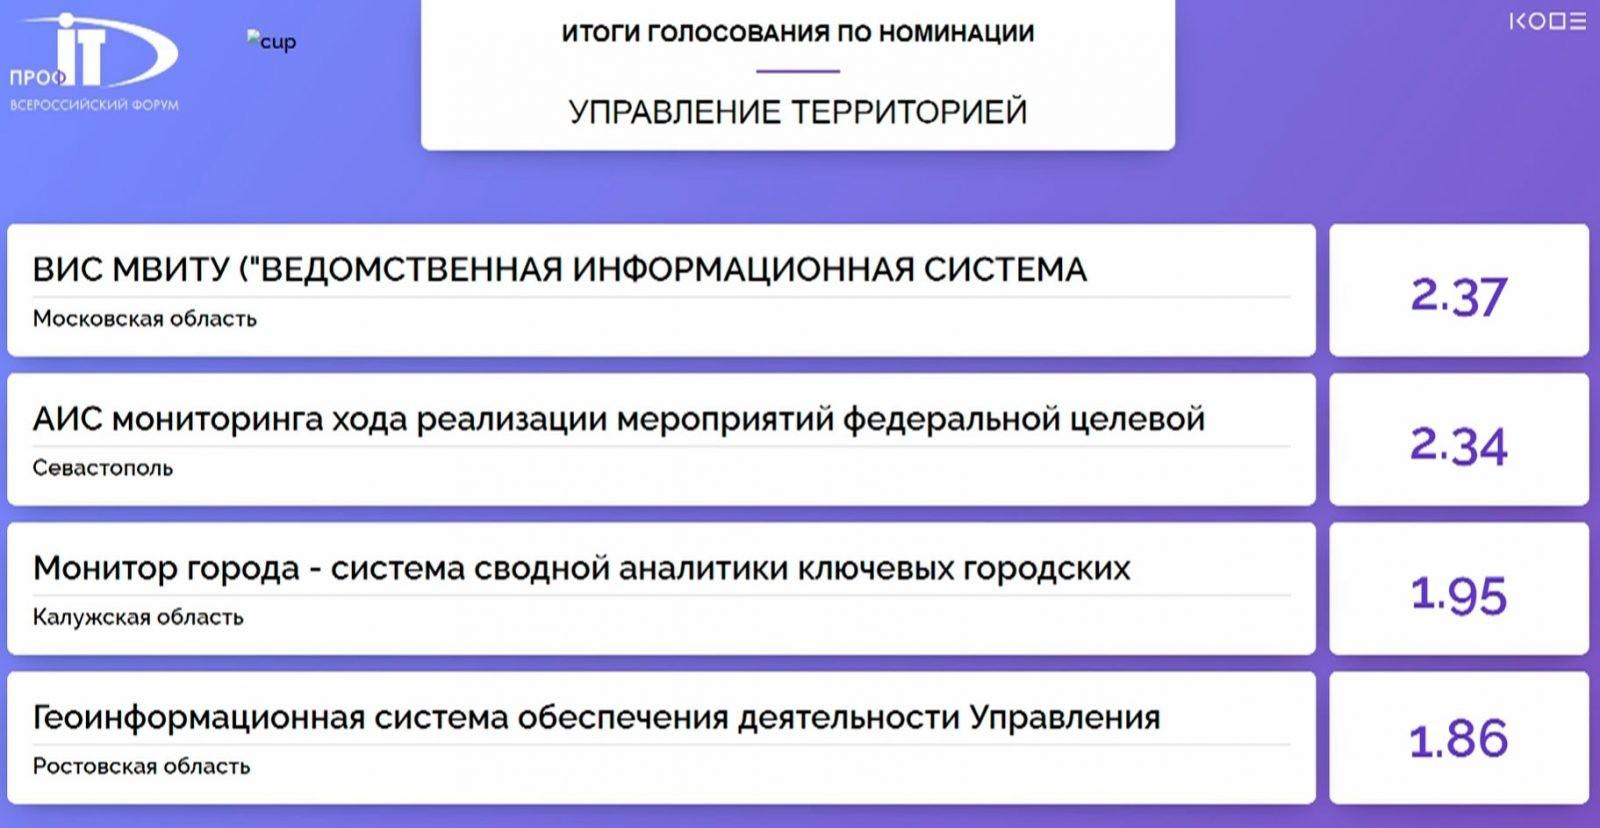 Победителем в номинации «Управление территорией» конкурса IT-проектов на форуме «ПРОФ-IT.2020» стала Московская область